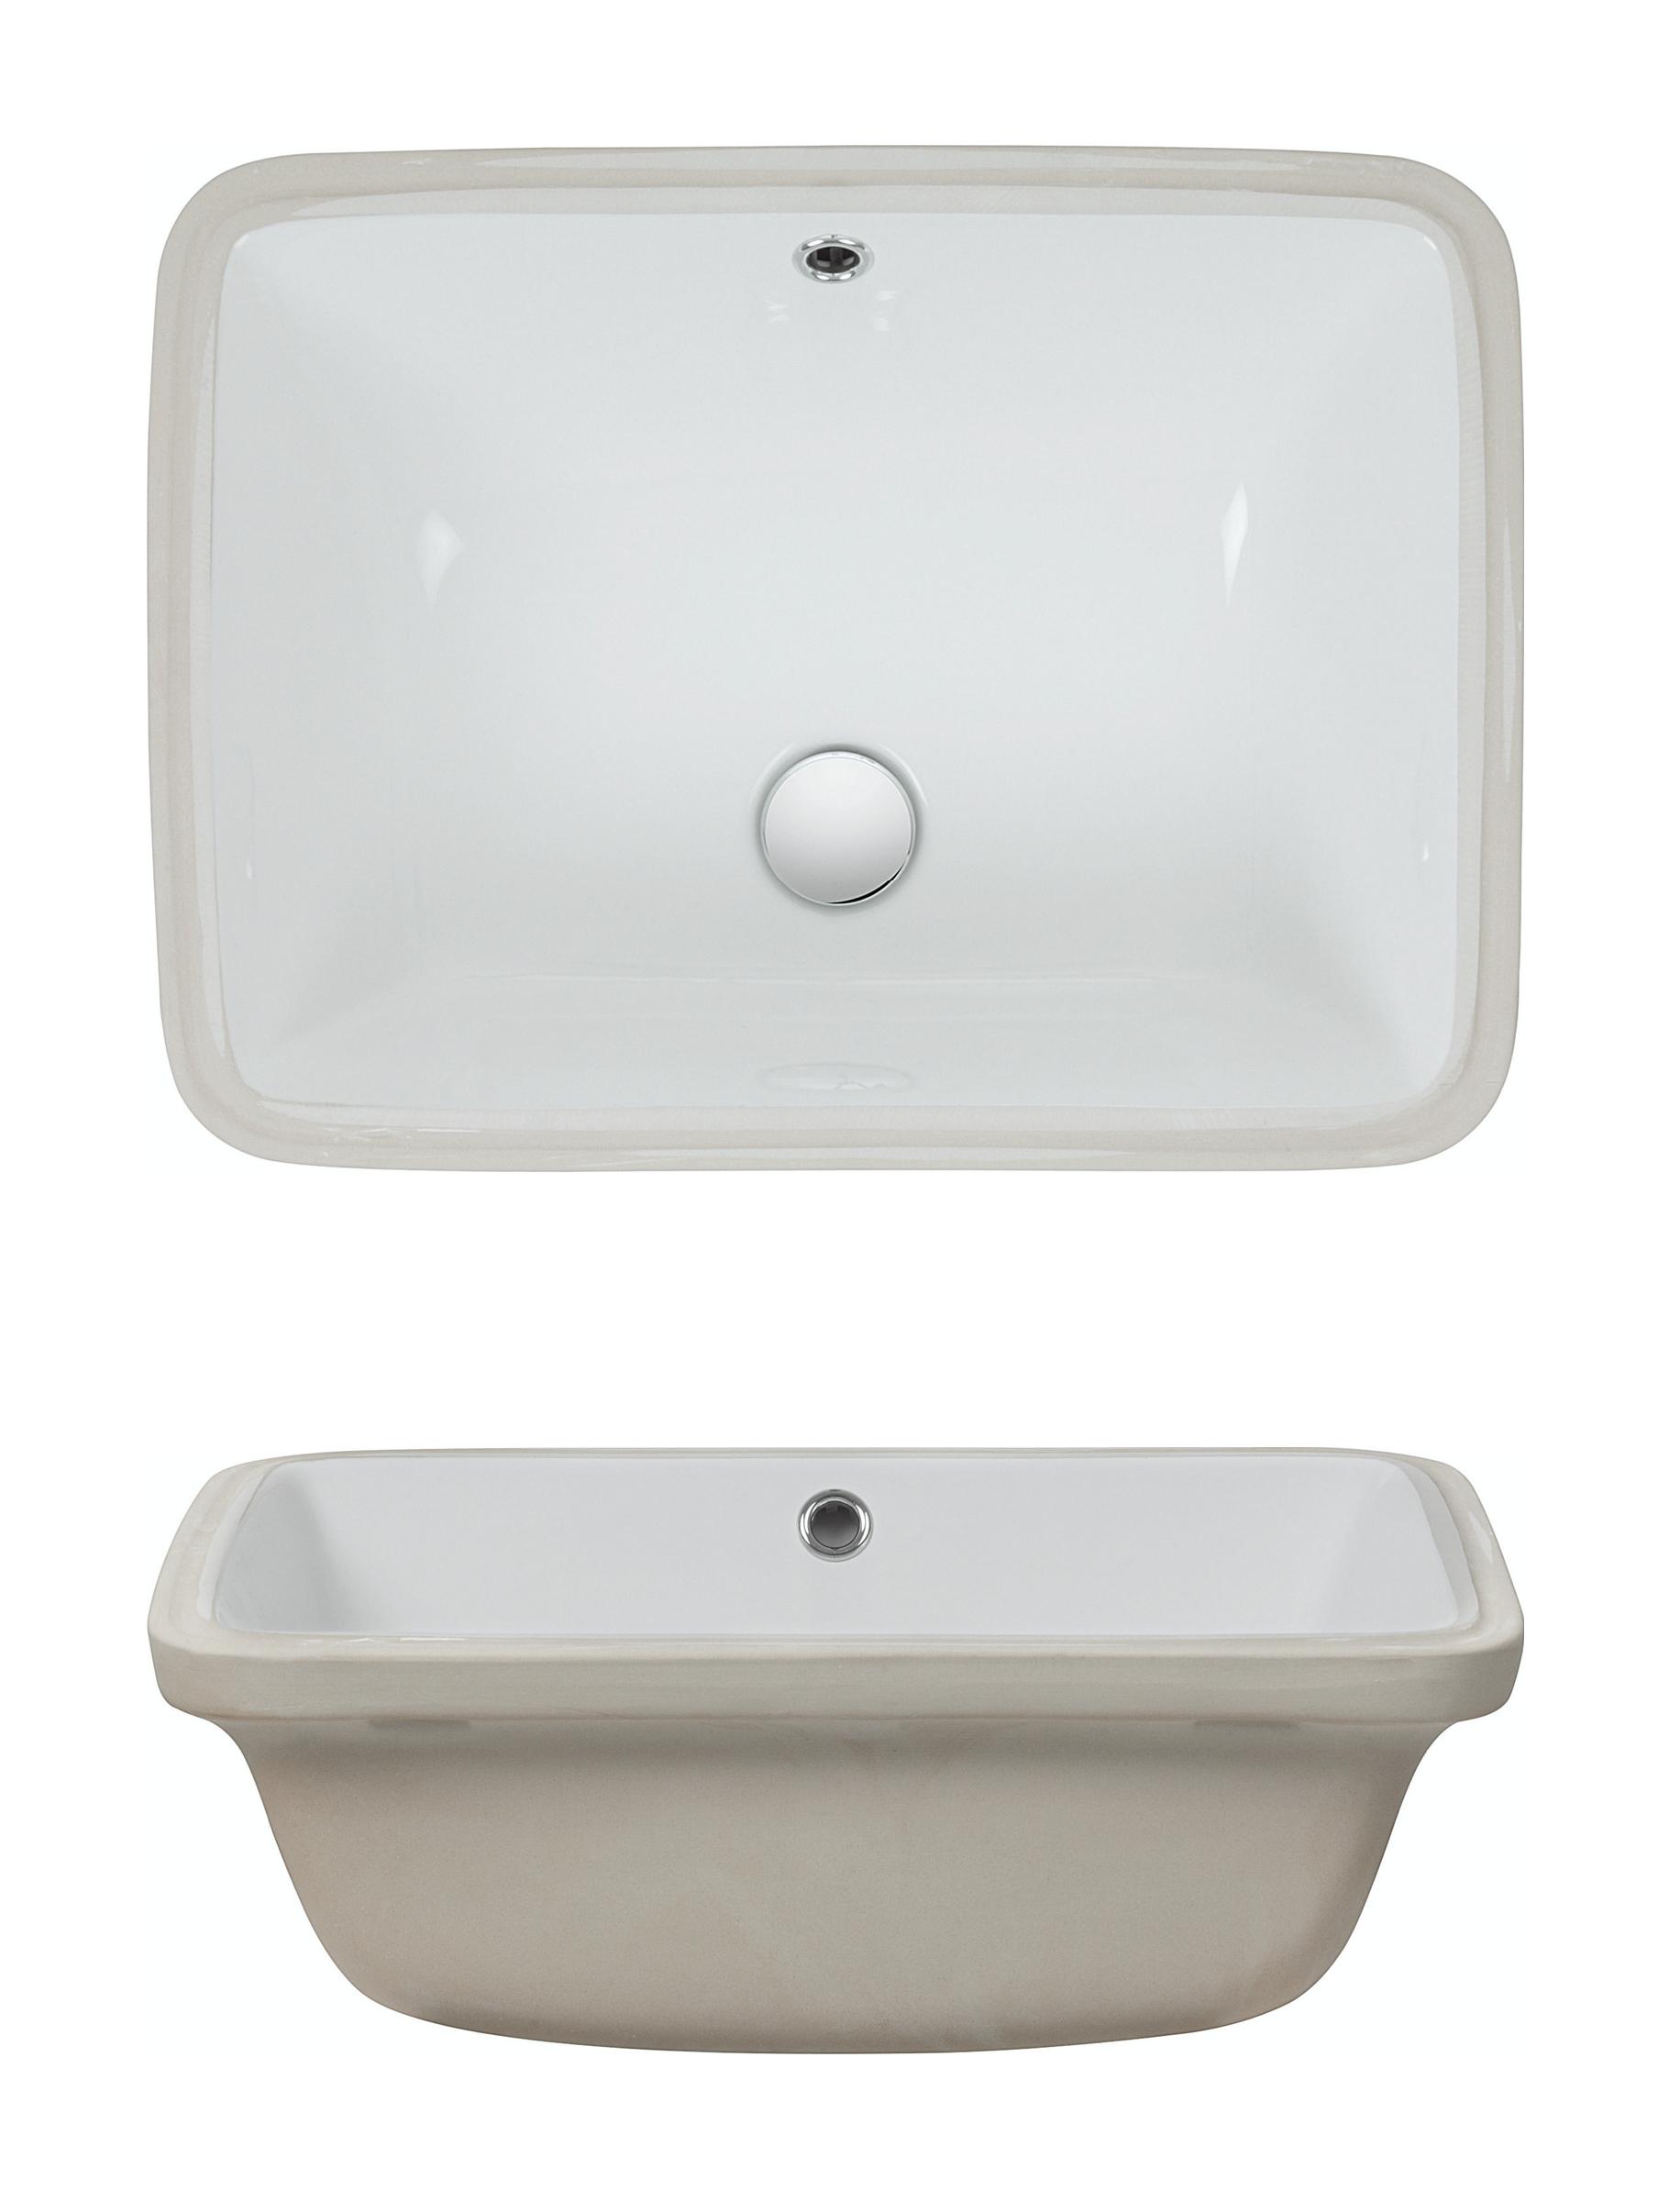 Torino A Midi Basin in Undermount | Luxury bathrooms UK, Crosswater ...